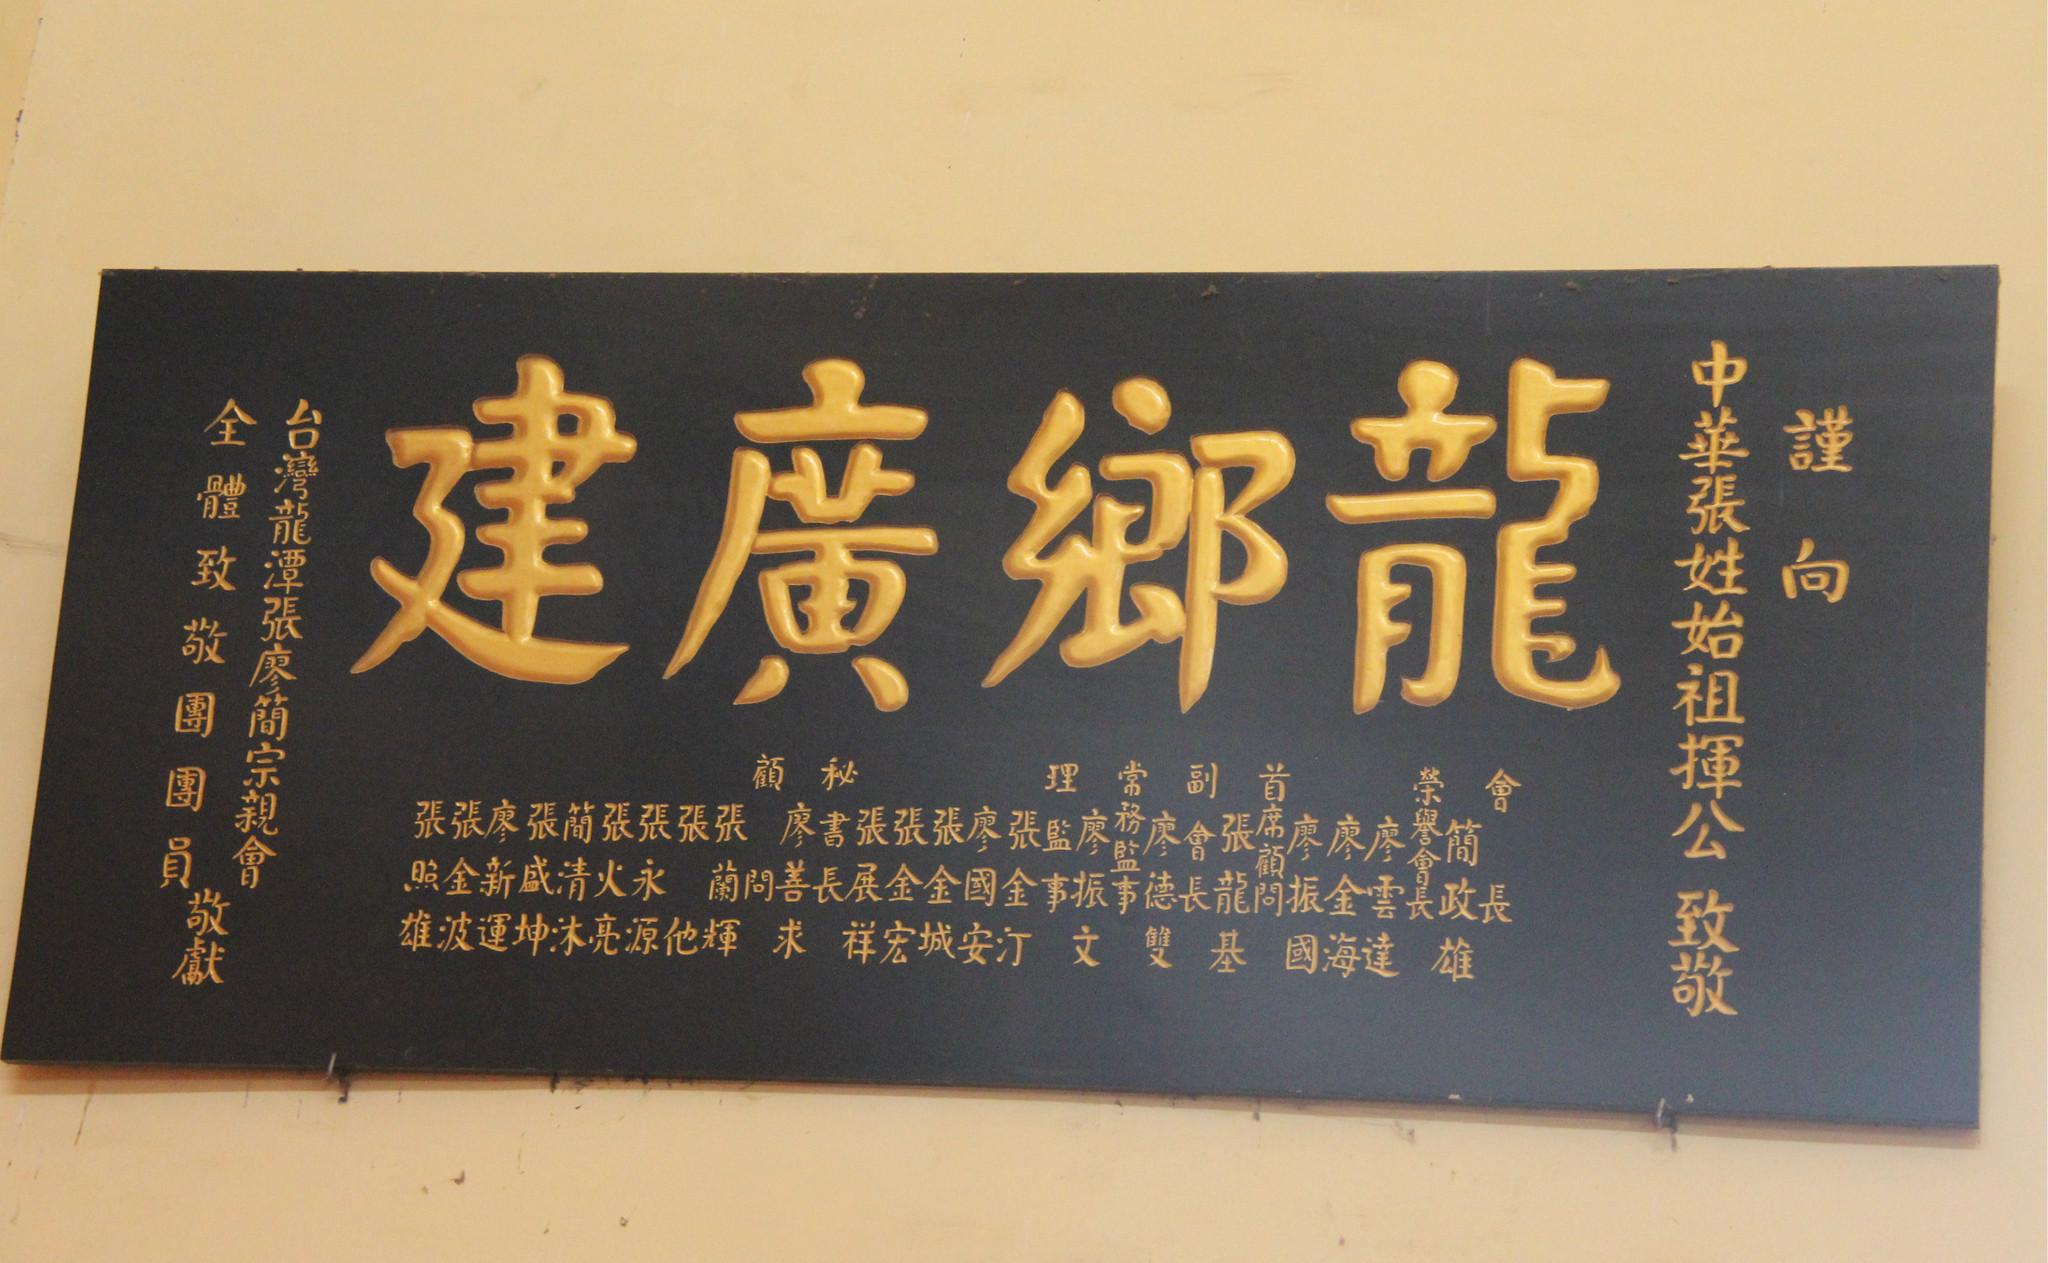 濮阳挥公陵舜帝宫景区实景图片